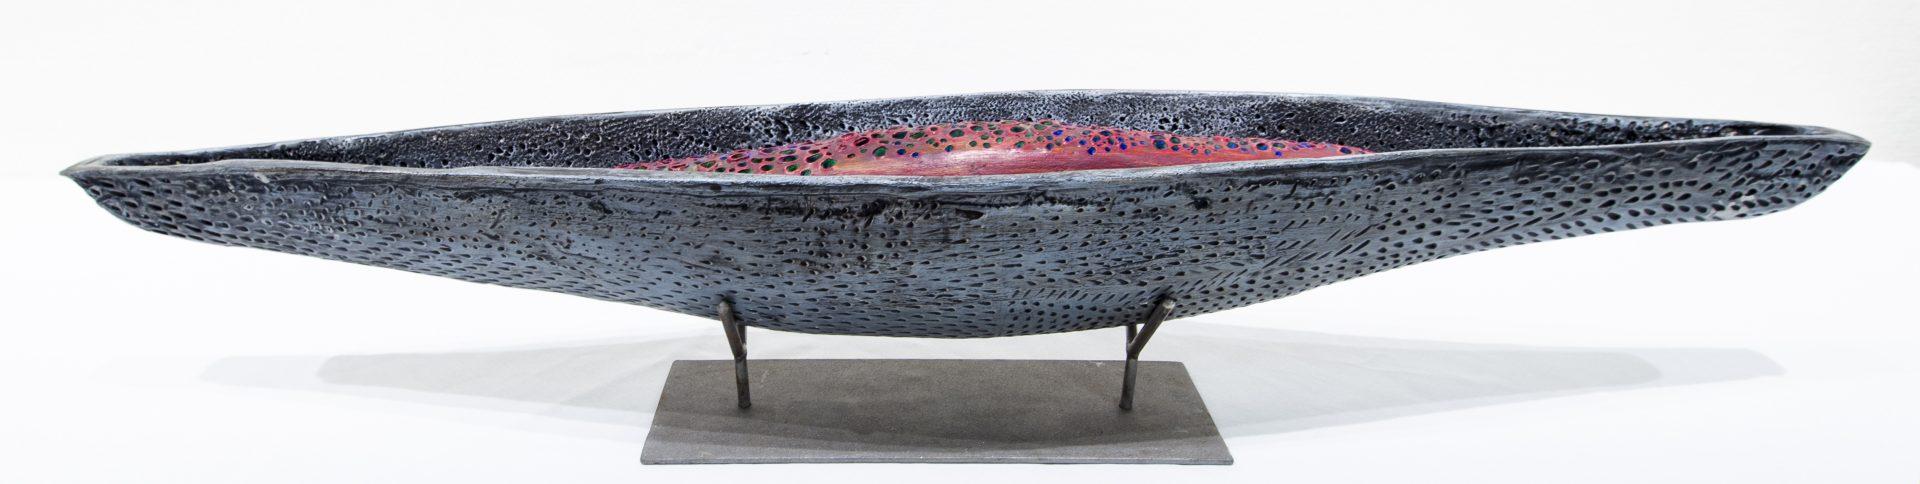 Drift Series sculpture of kayak by Sarh Link